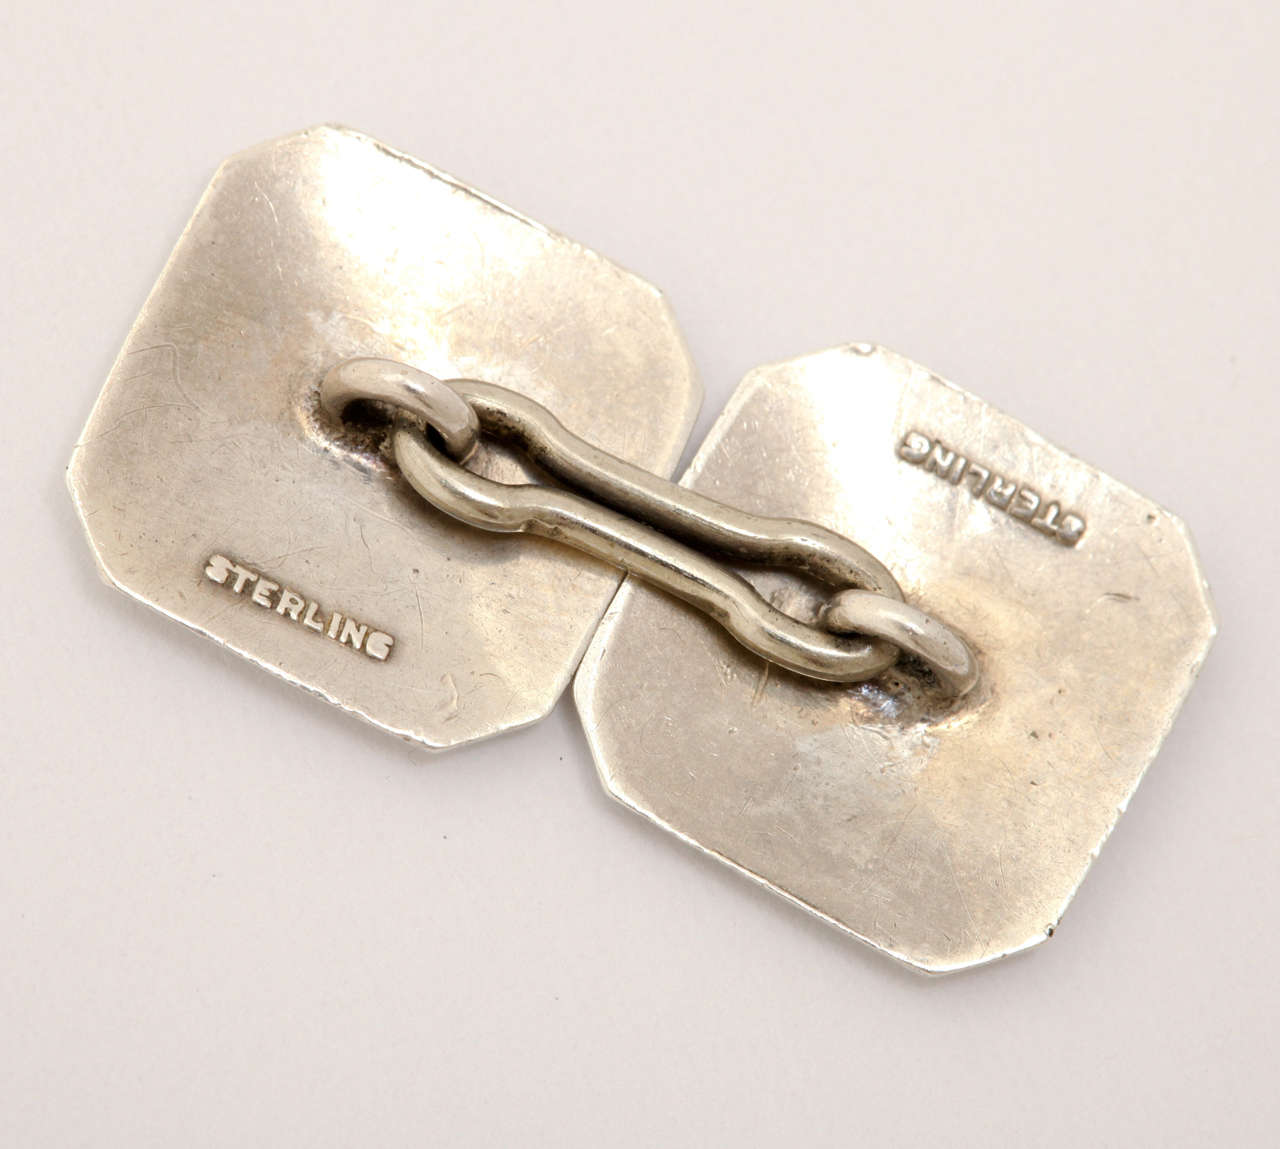 1920s-1930s Art Deco Guilloche Enamel Sterling Silver Cufflinks For Sale 2